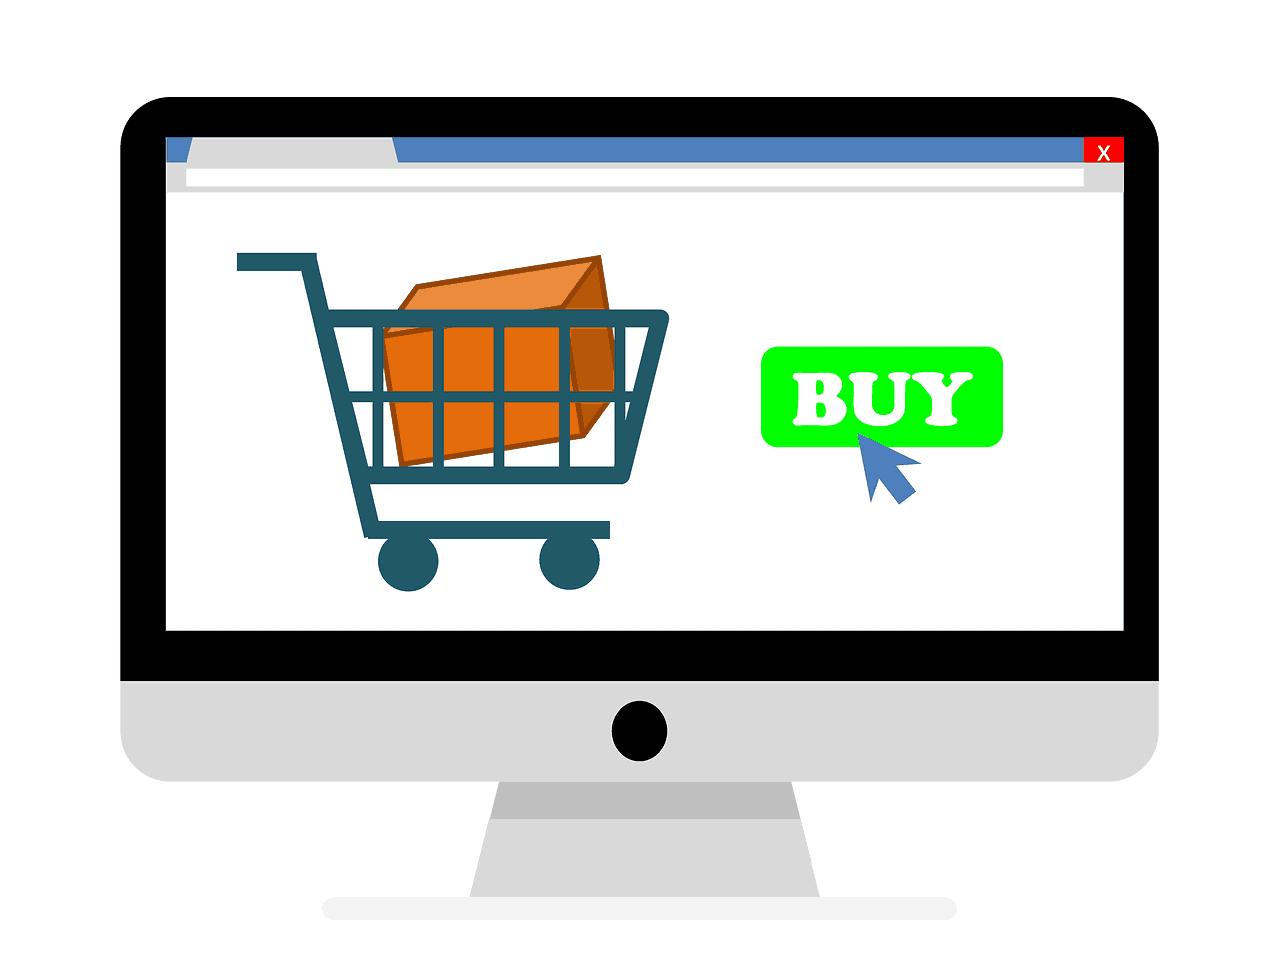 imac diplaying order verification shopping cart